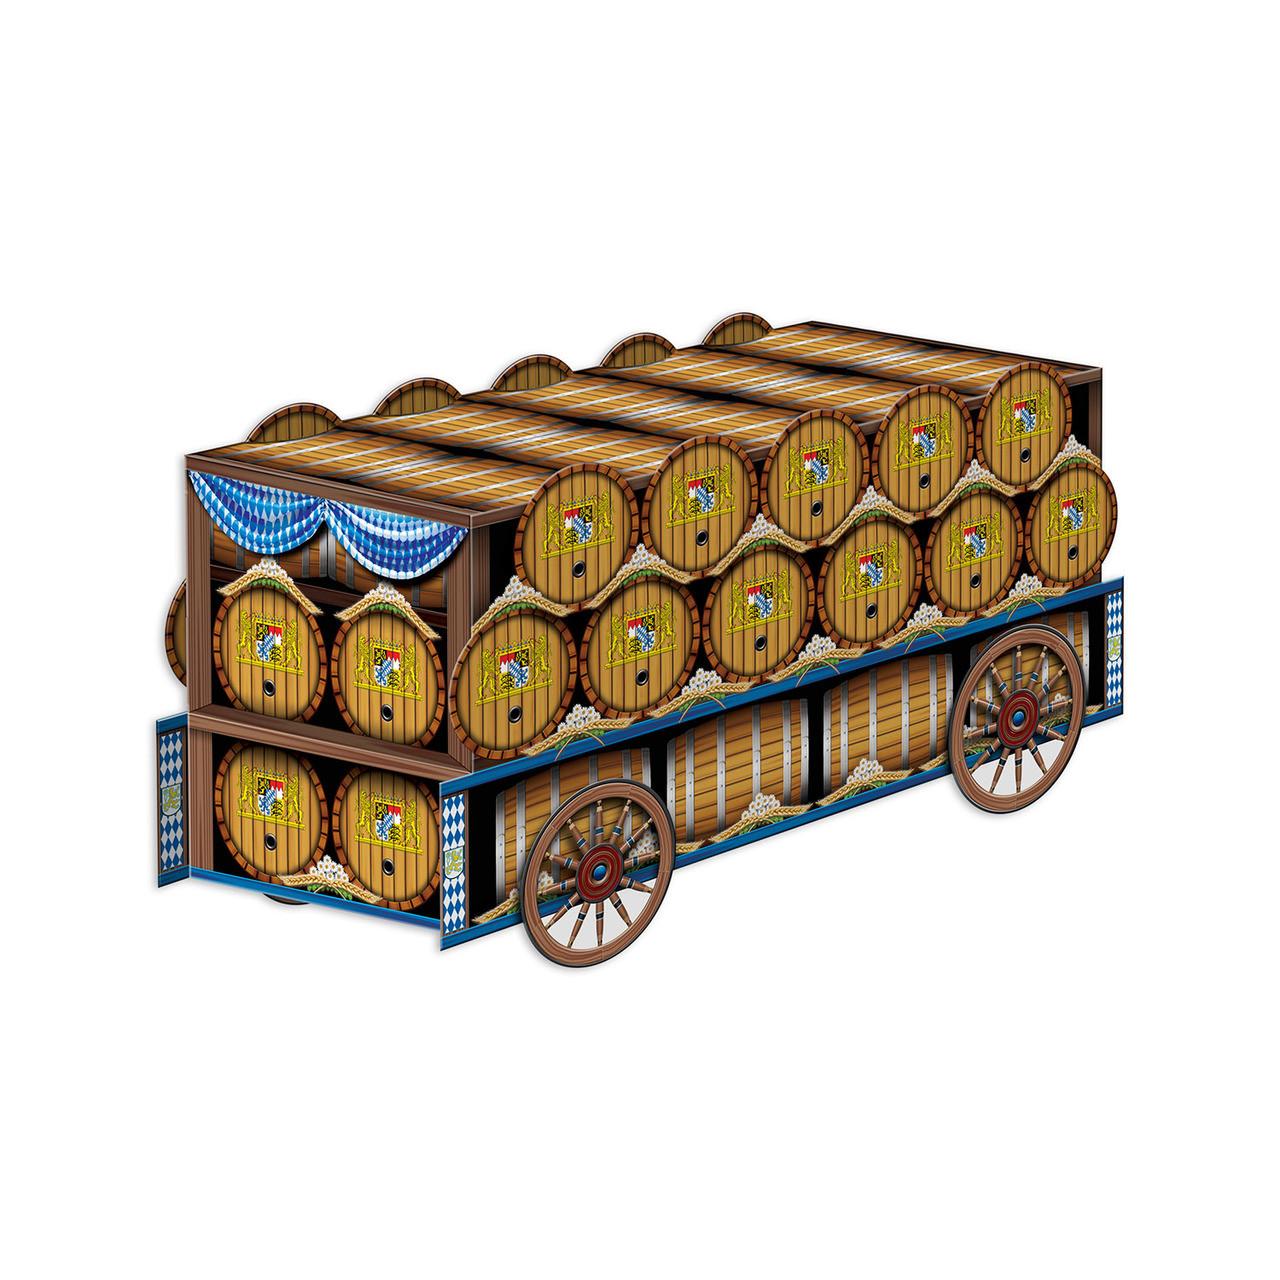 Oktoberfest Beer Wagon Paper Cut Out Centerpiece 3D